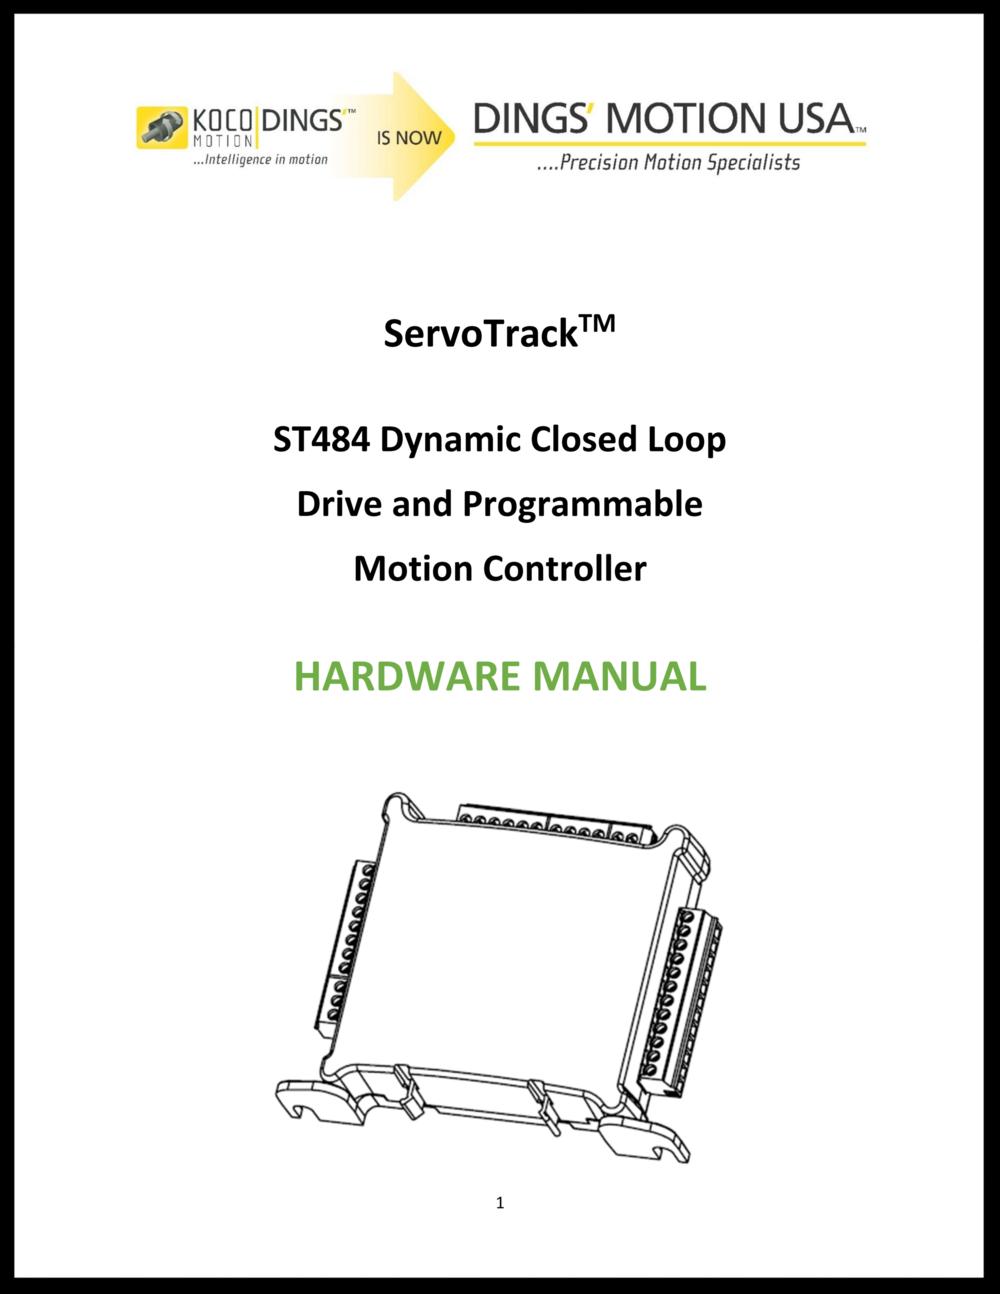 ServoTrack Hardware Manual